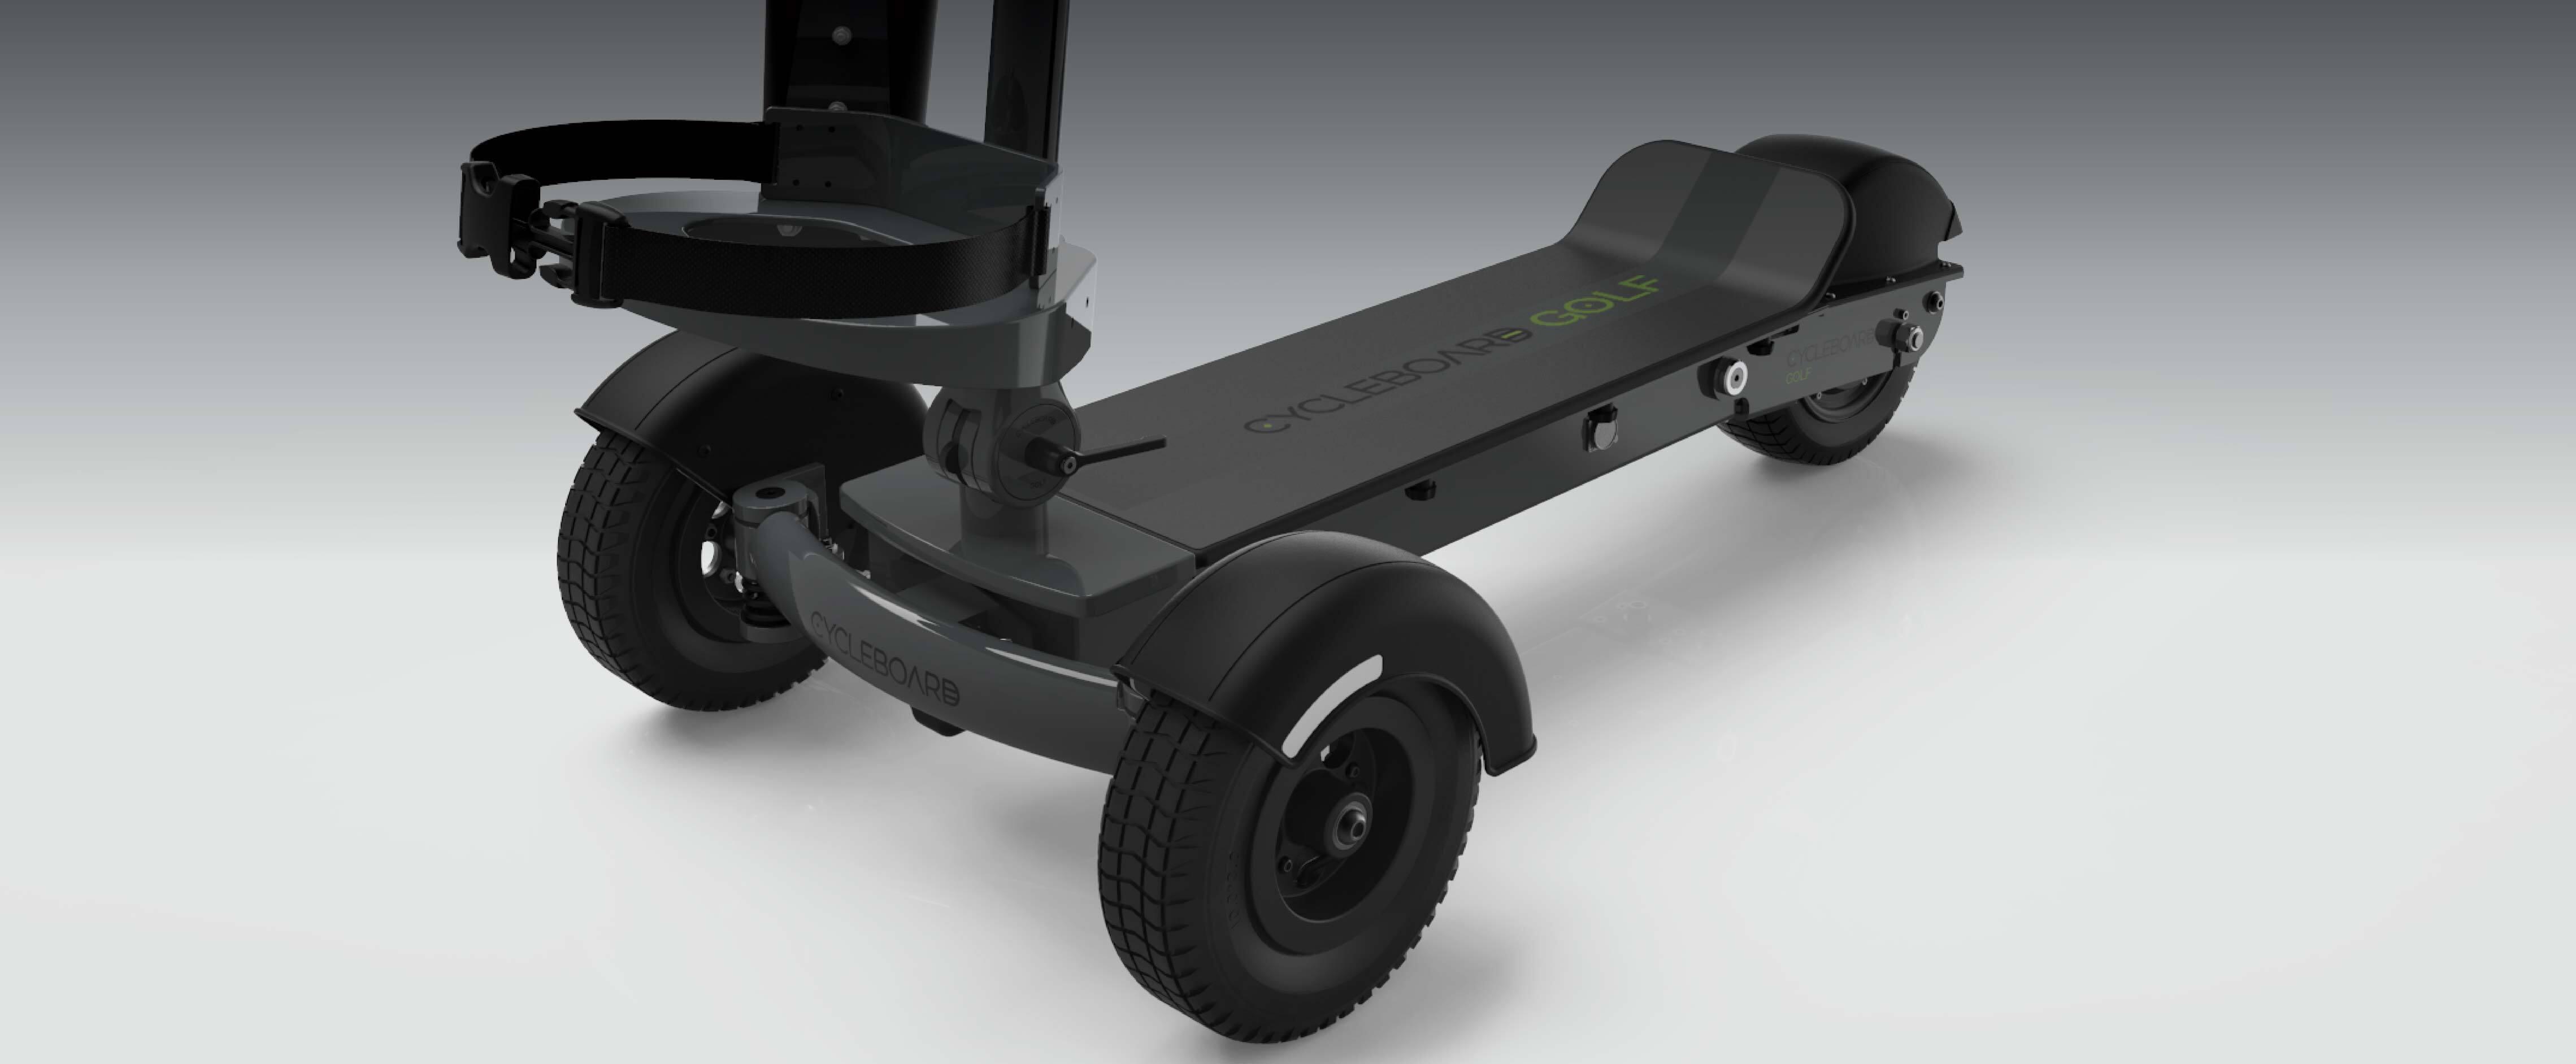 Rover board